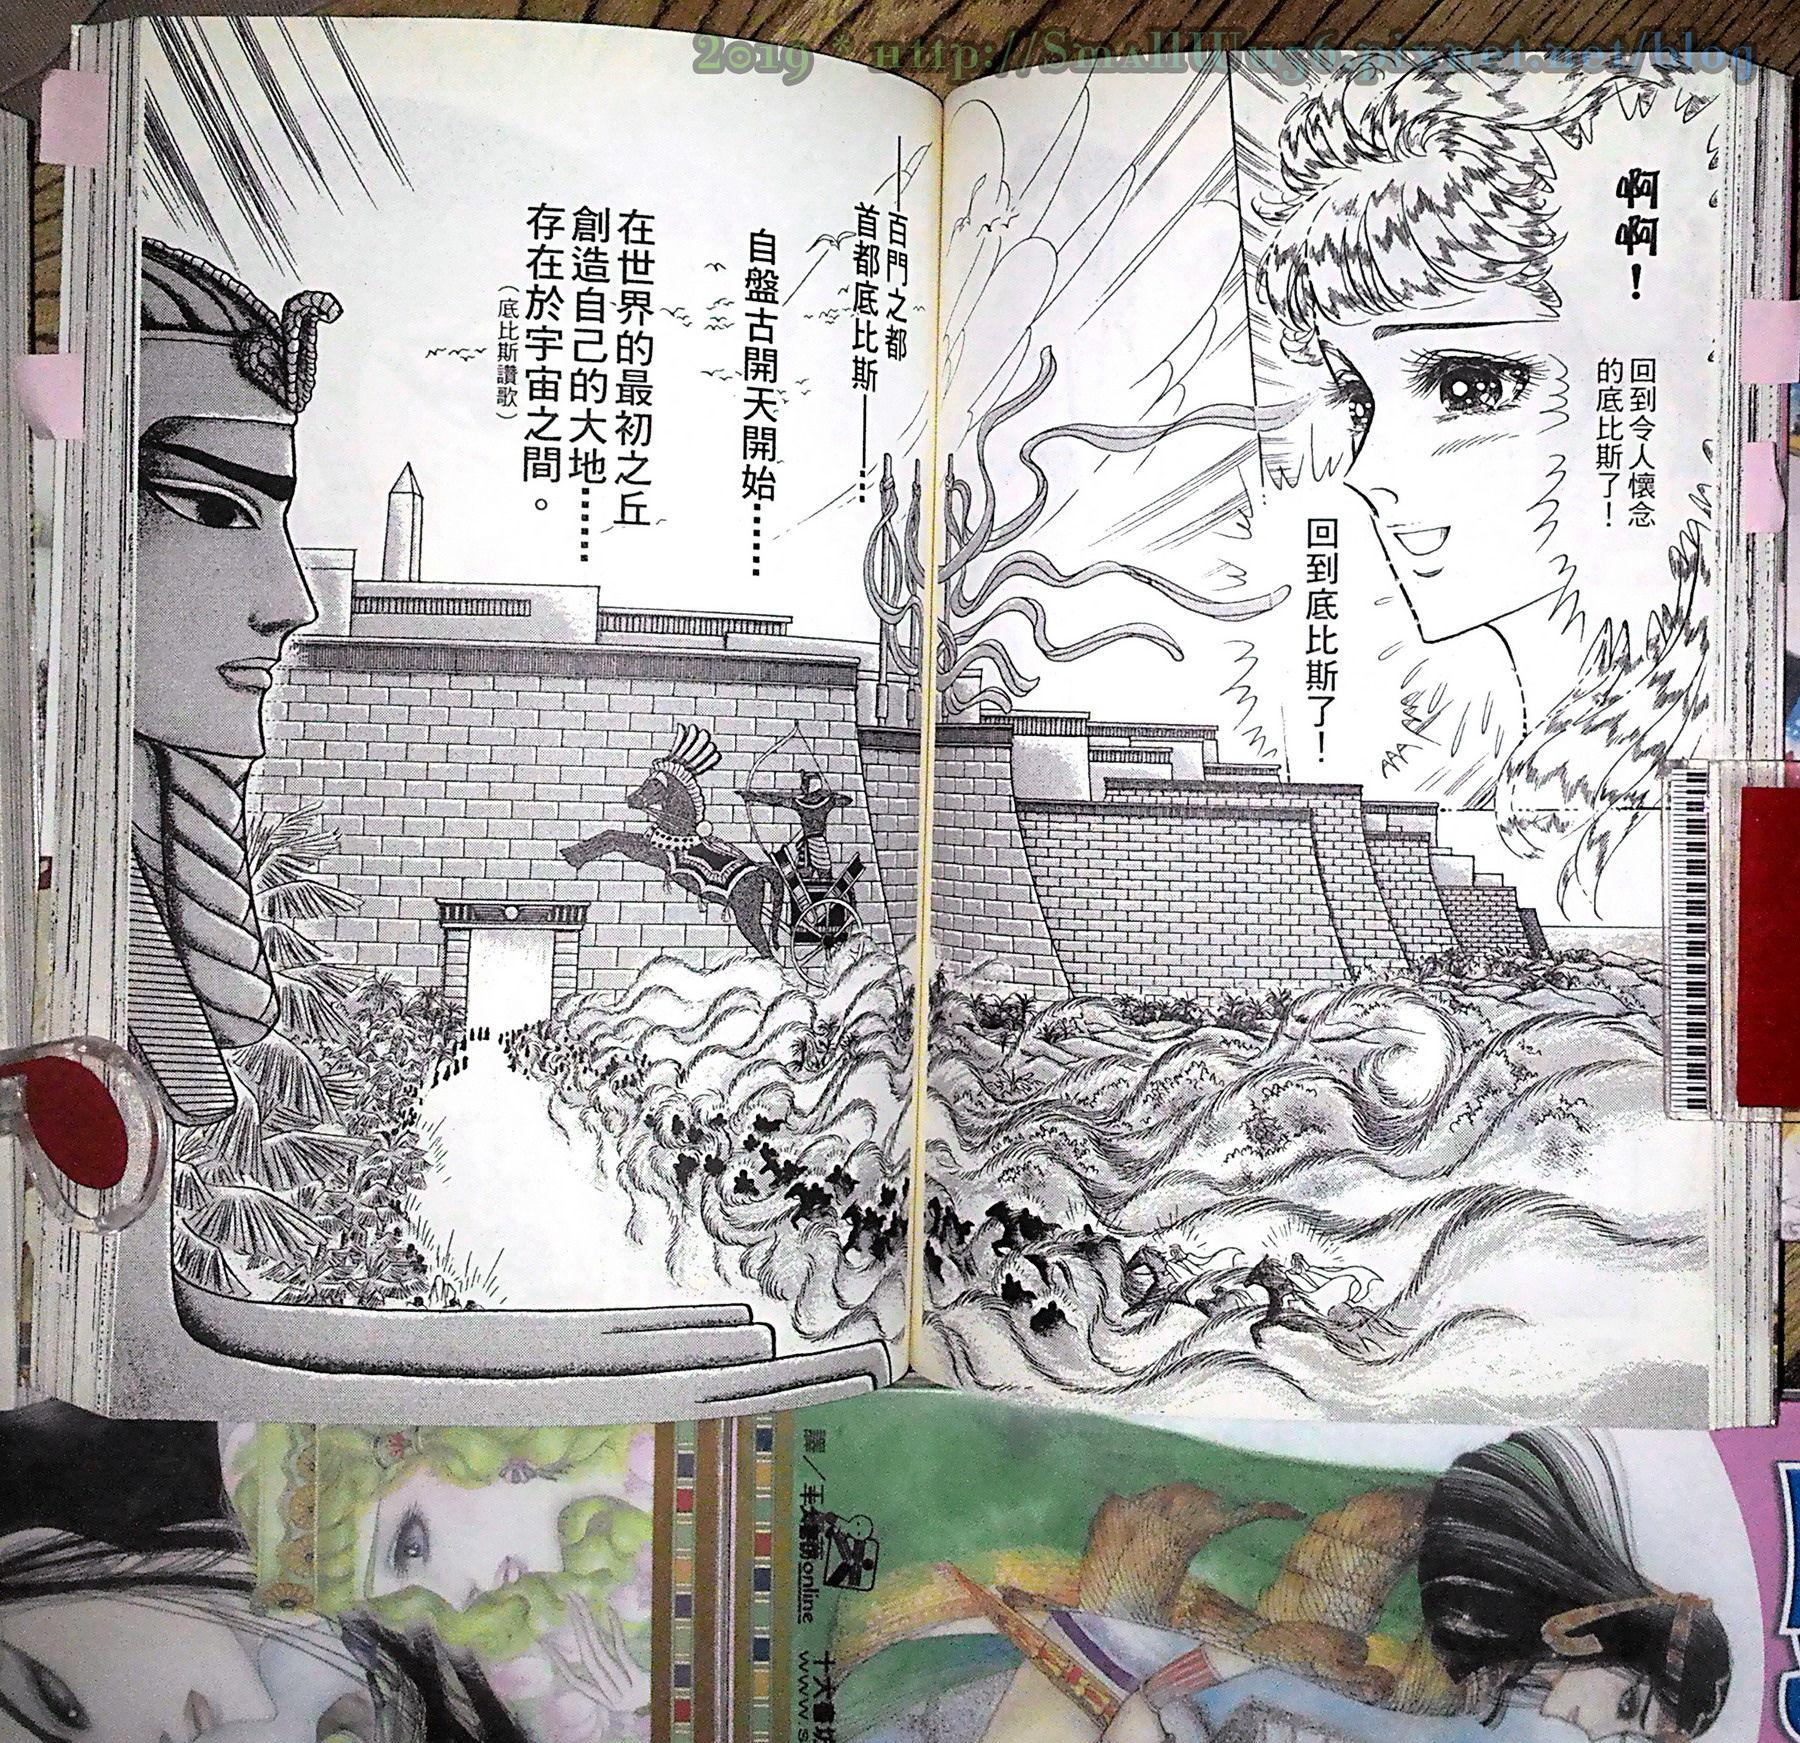 細川智榮子-王家的紋章(尼羅河女兒) 01-48 (長鴻)  vol_45 底比斯.jpg